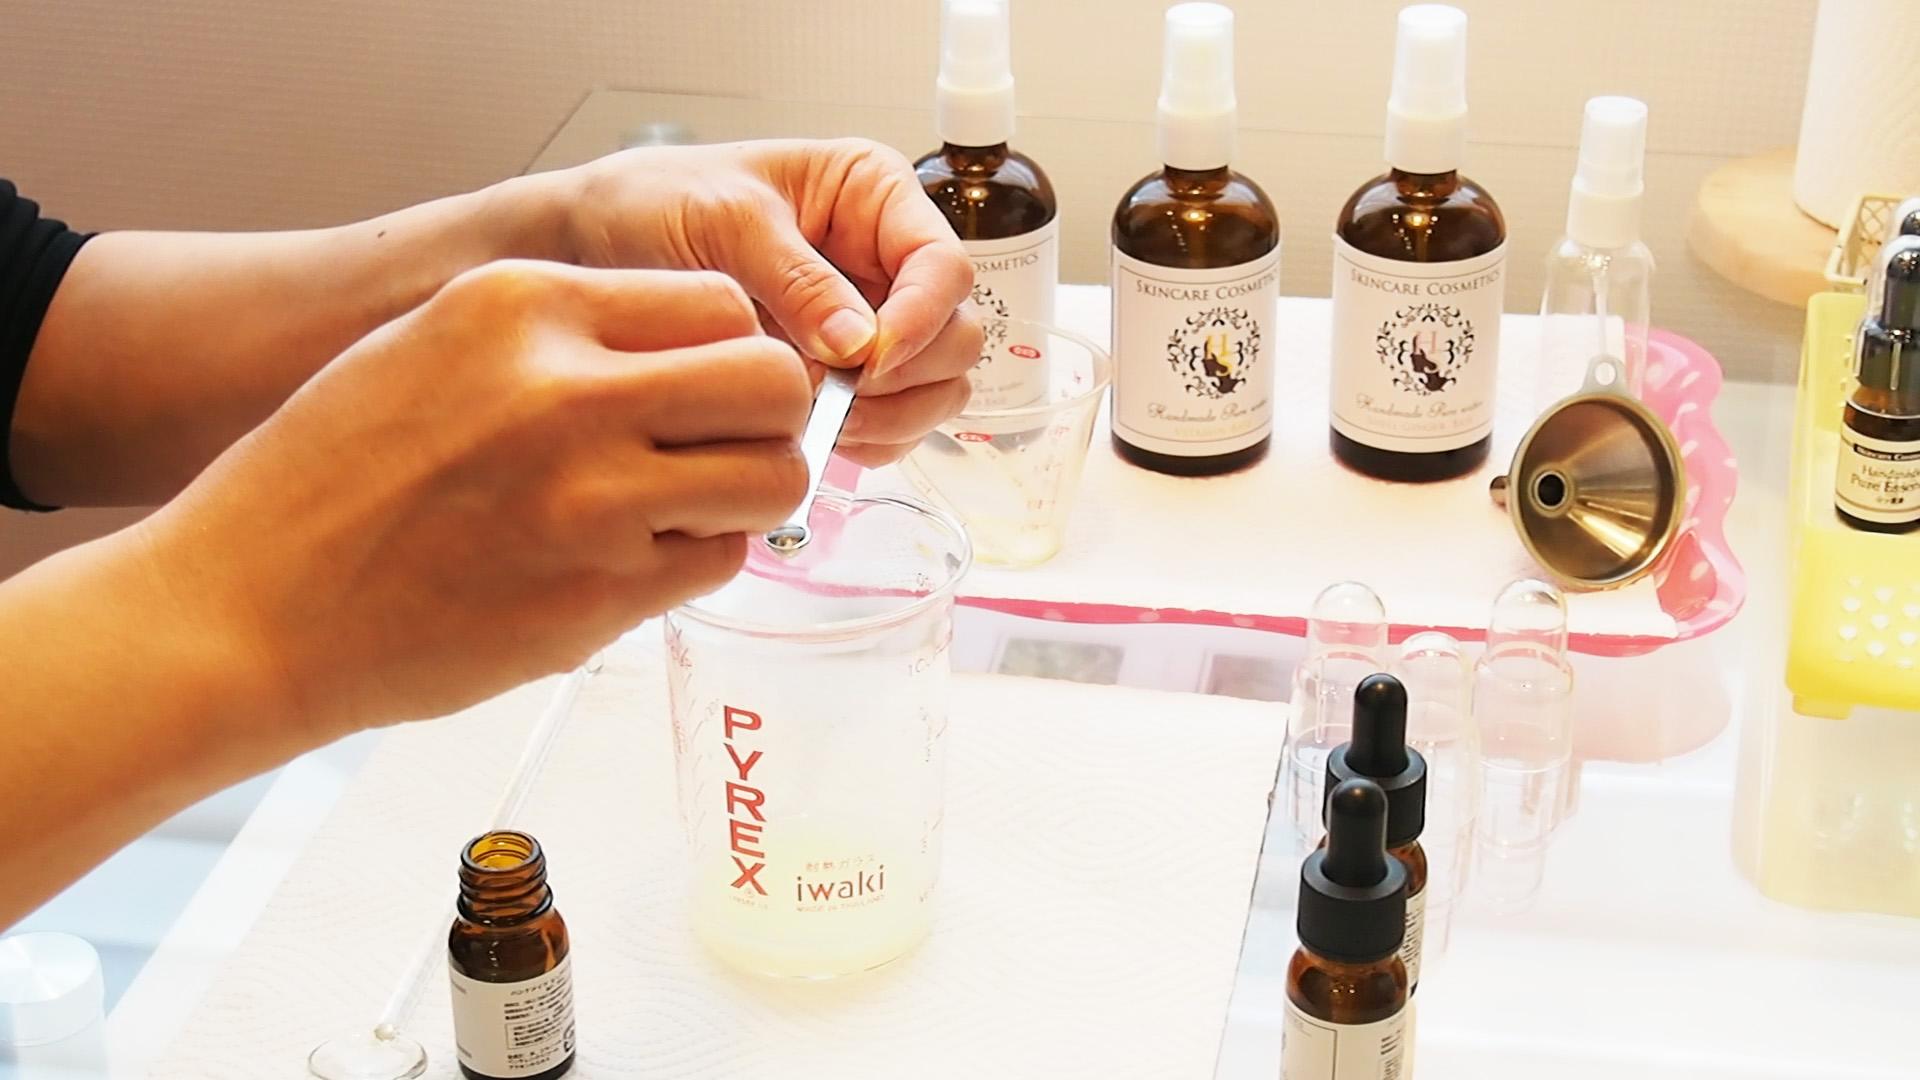 プラセンタ・コラーゲン・ヒアルロン酸で自分の肌に合った化粧品を作る